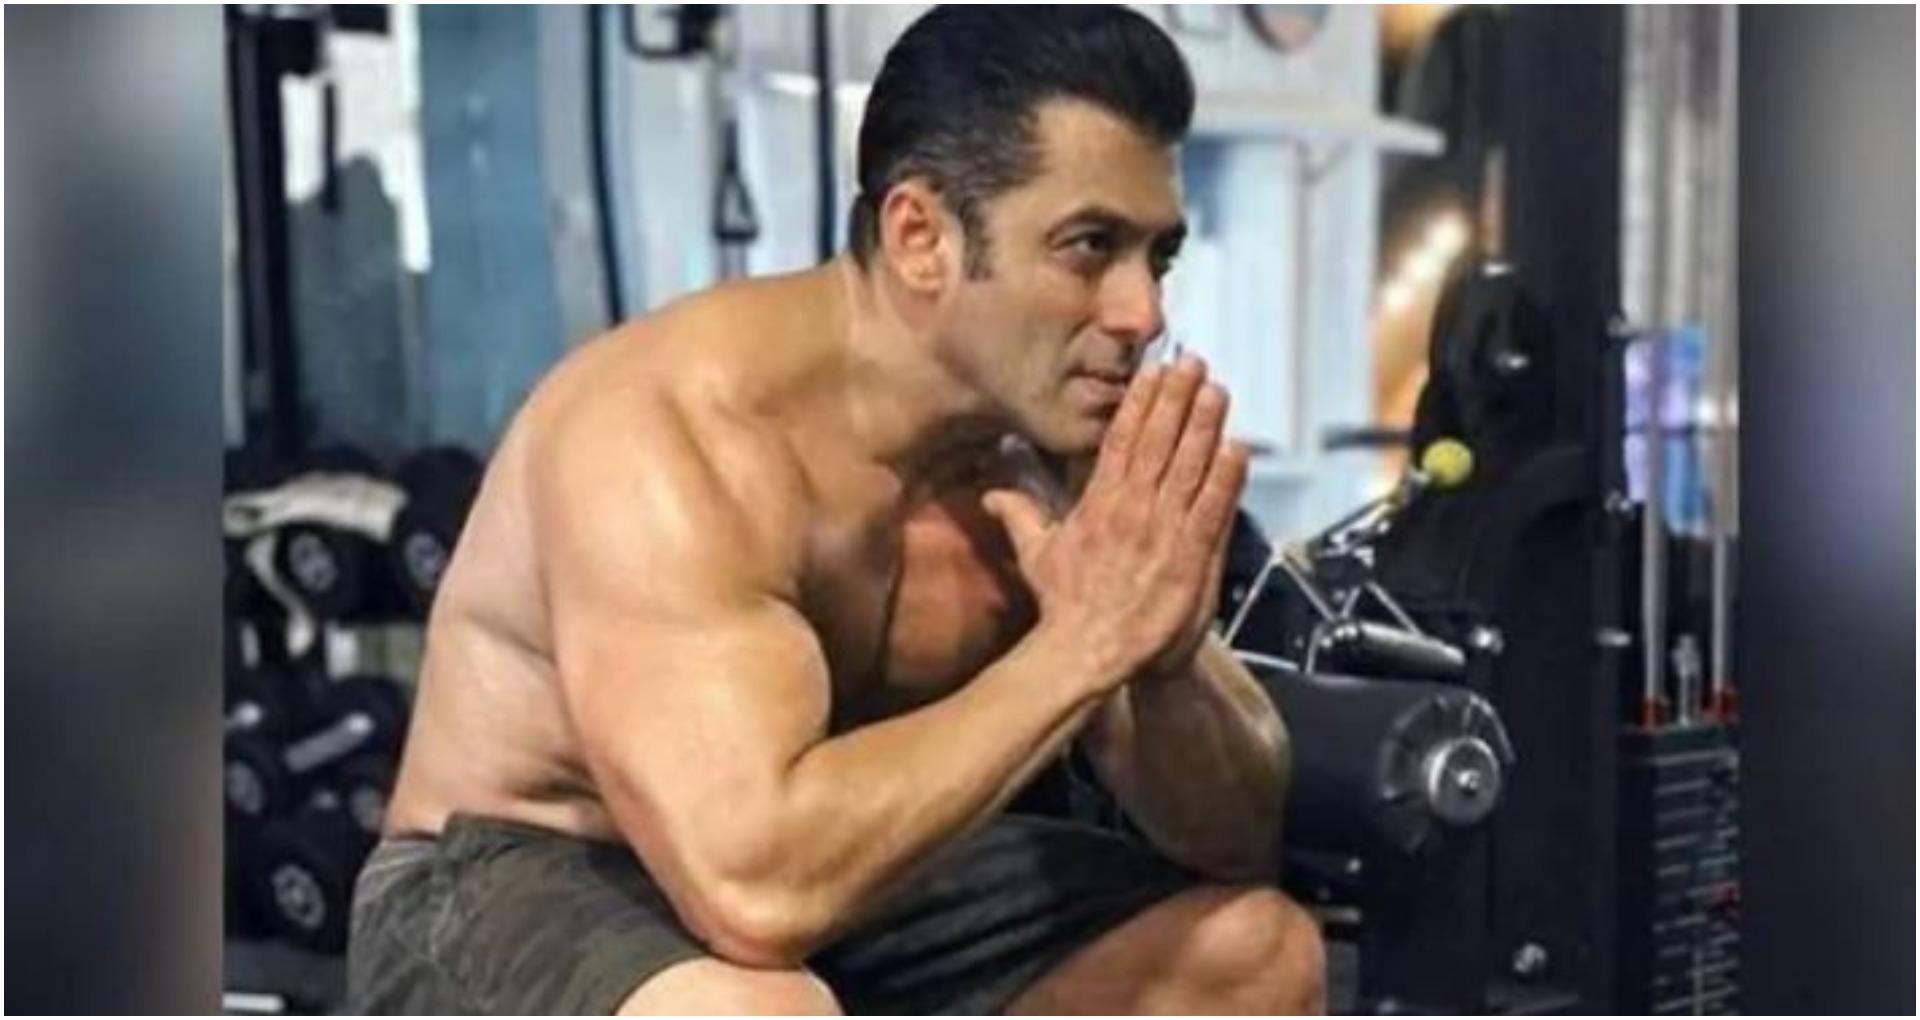 सलमान खान को सताने लगा कोरोना वायरस का डर, कैंसल किया फिल्म 'राधे' का शूट